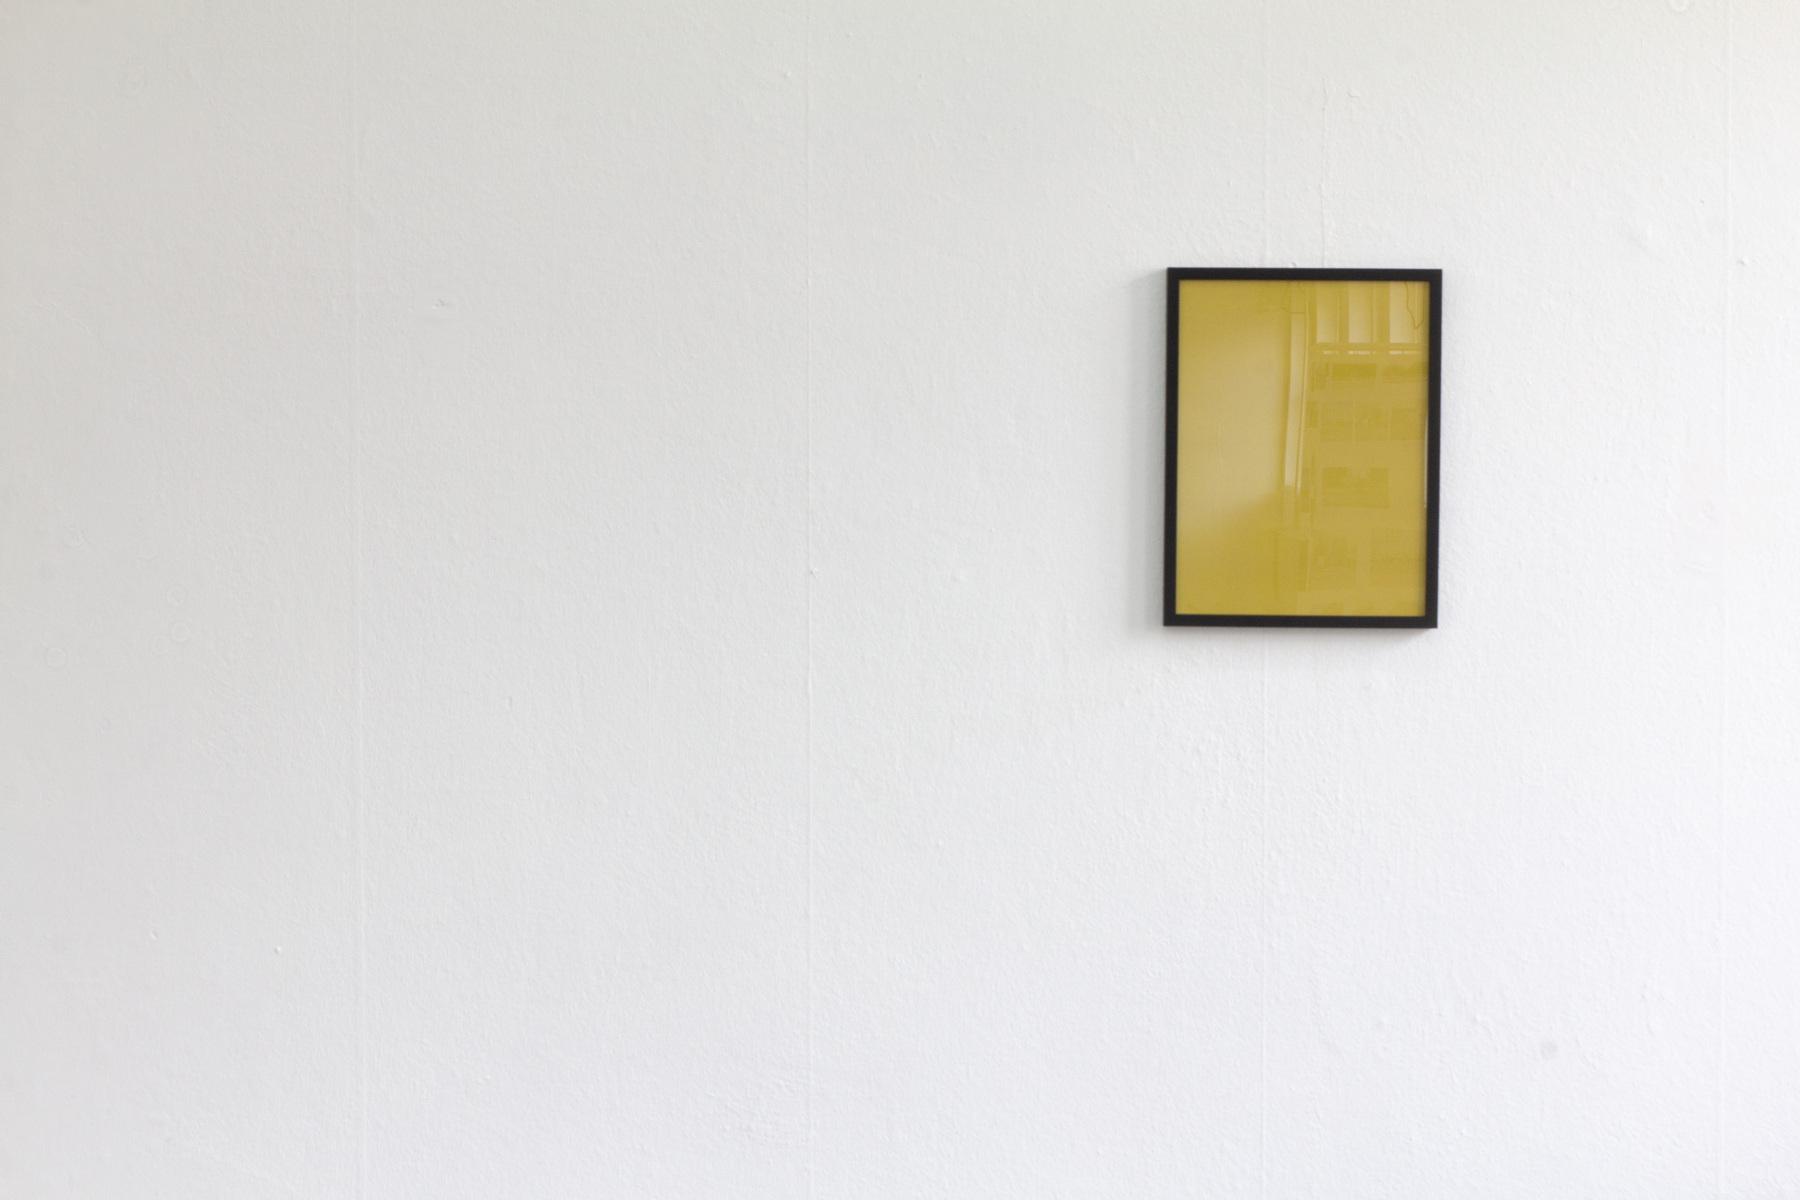 Philipp Valenta - Gold ist nicht alles Gold was glänzt, Franziska Harnisch (Einsendung Philipp Valenta)